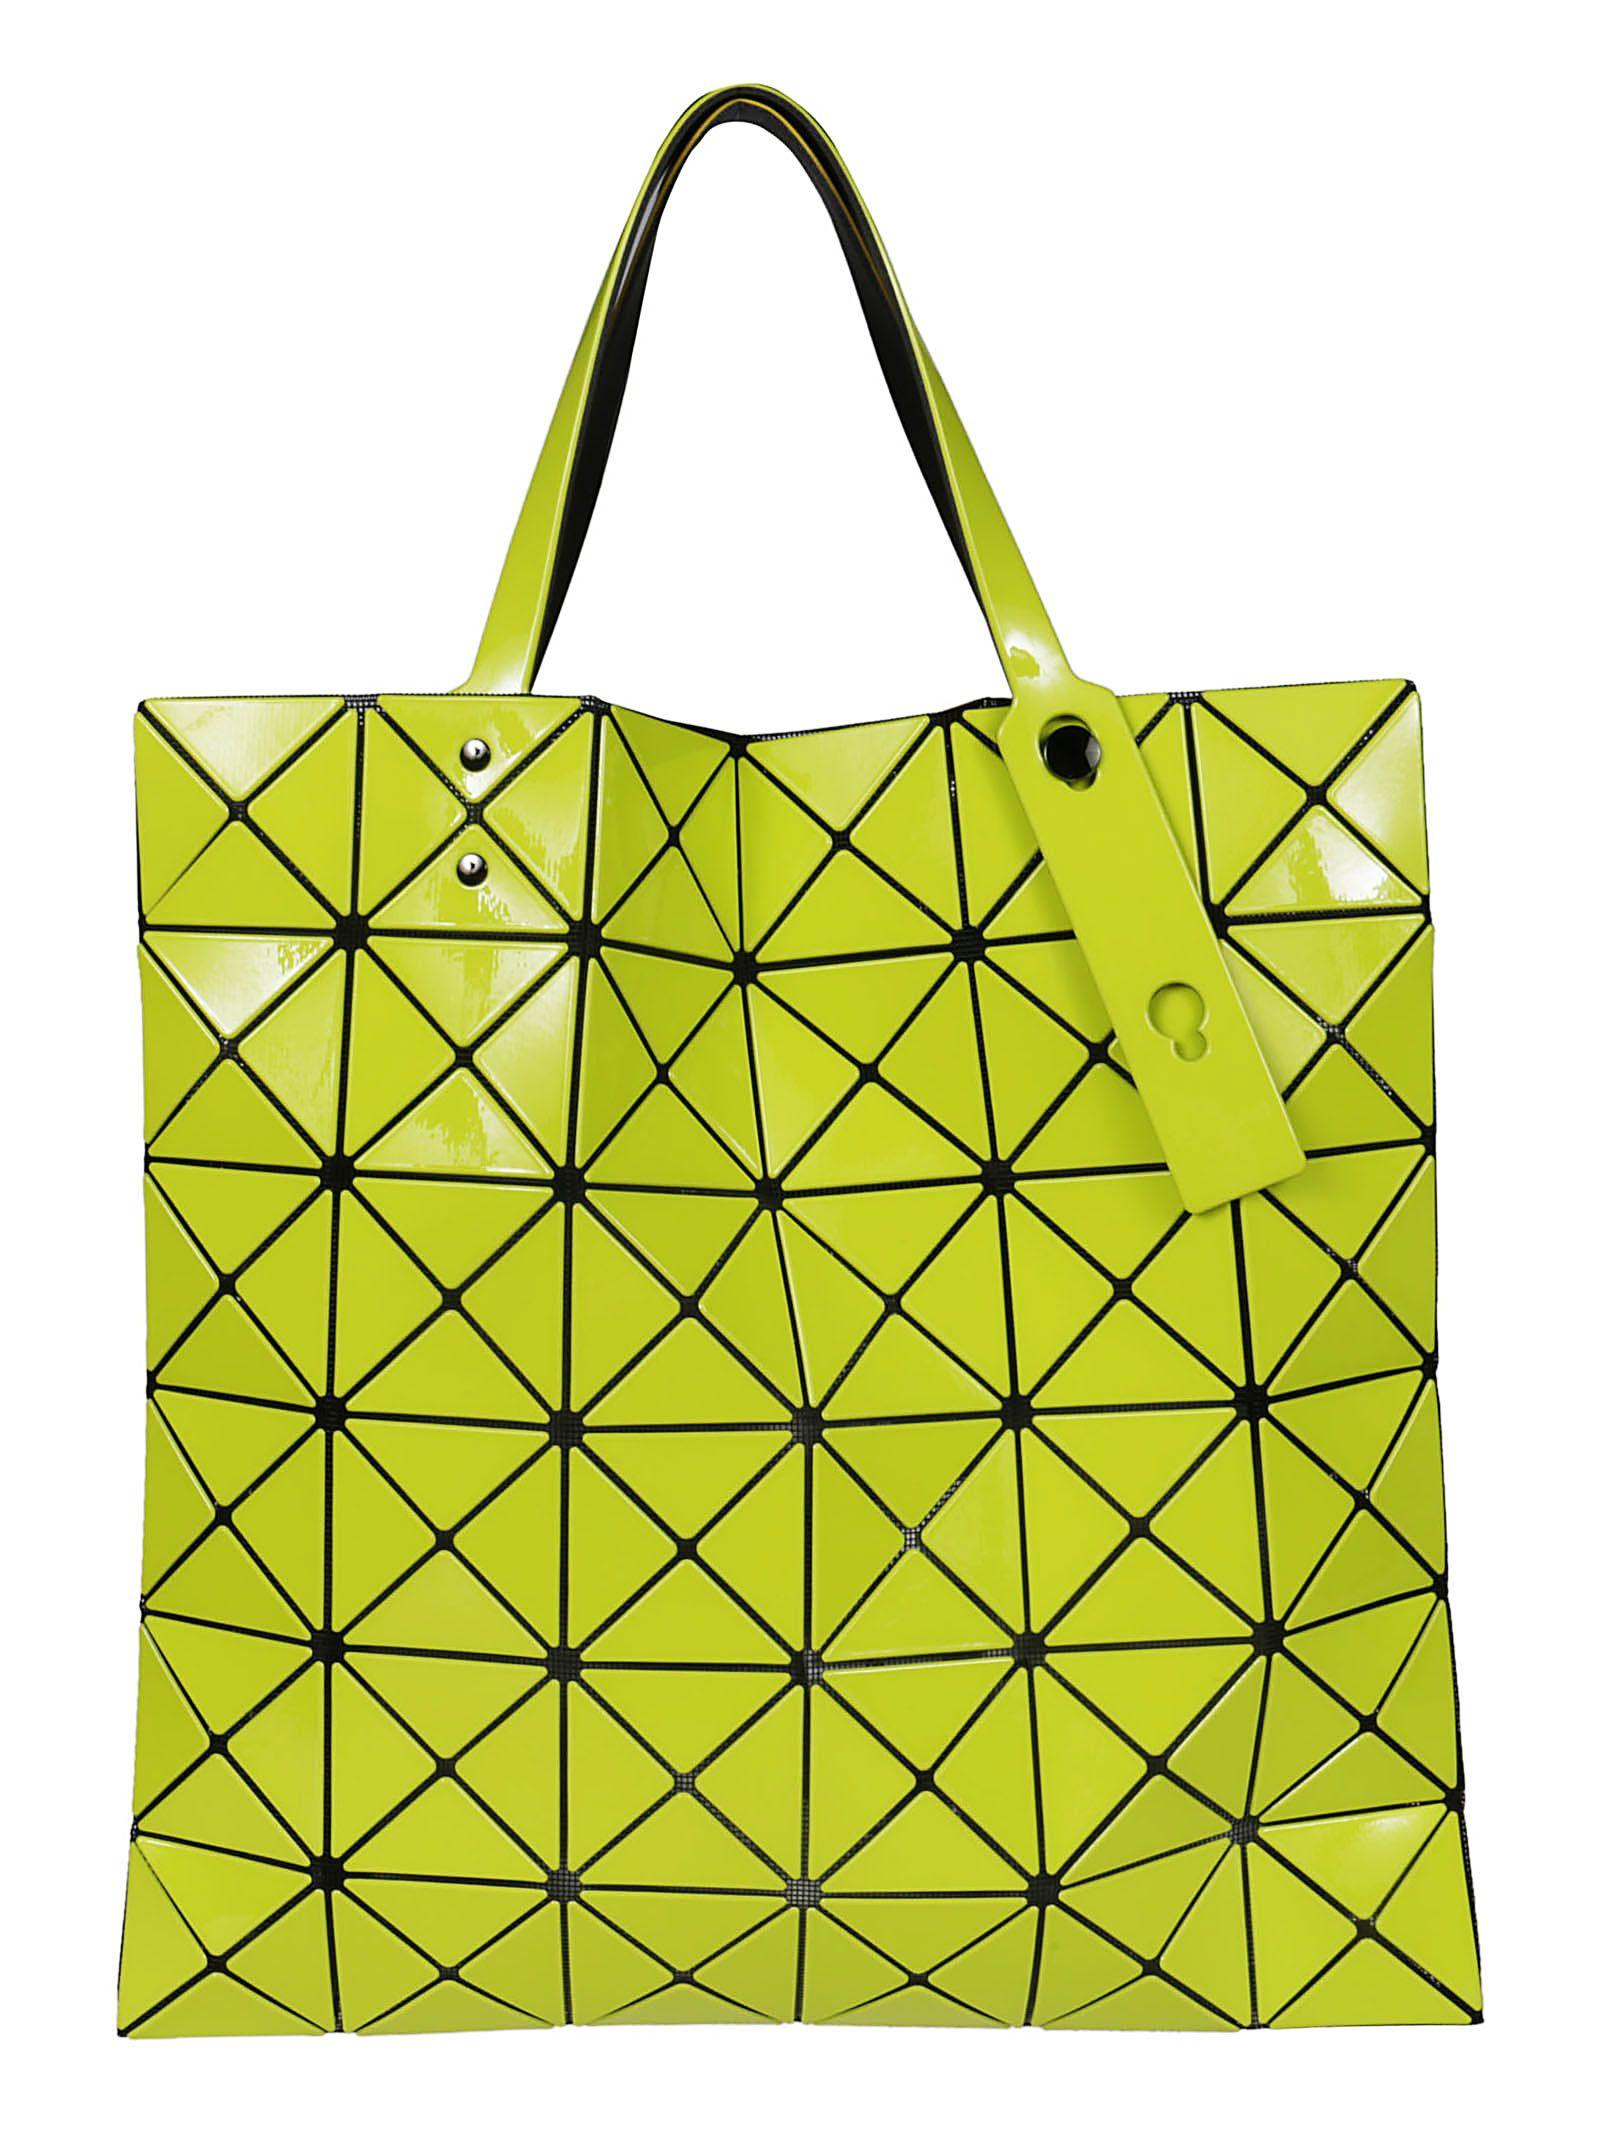 5a2f7f0b75 Bao Bao Issey Miyake Bao Bao Geometric Pattern Tote - Green ...